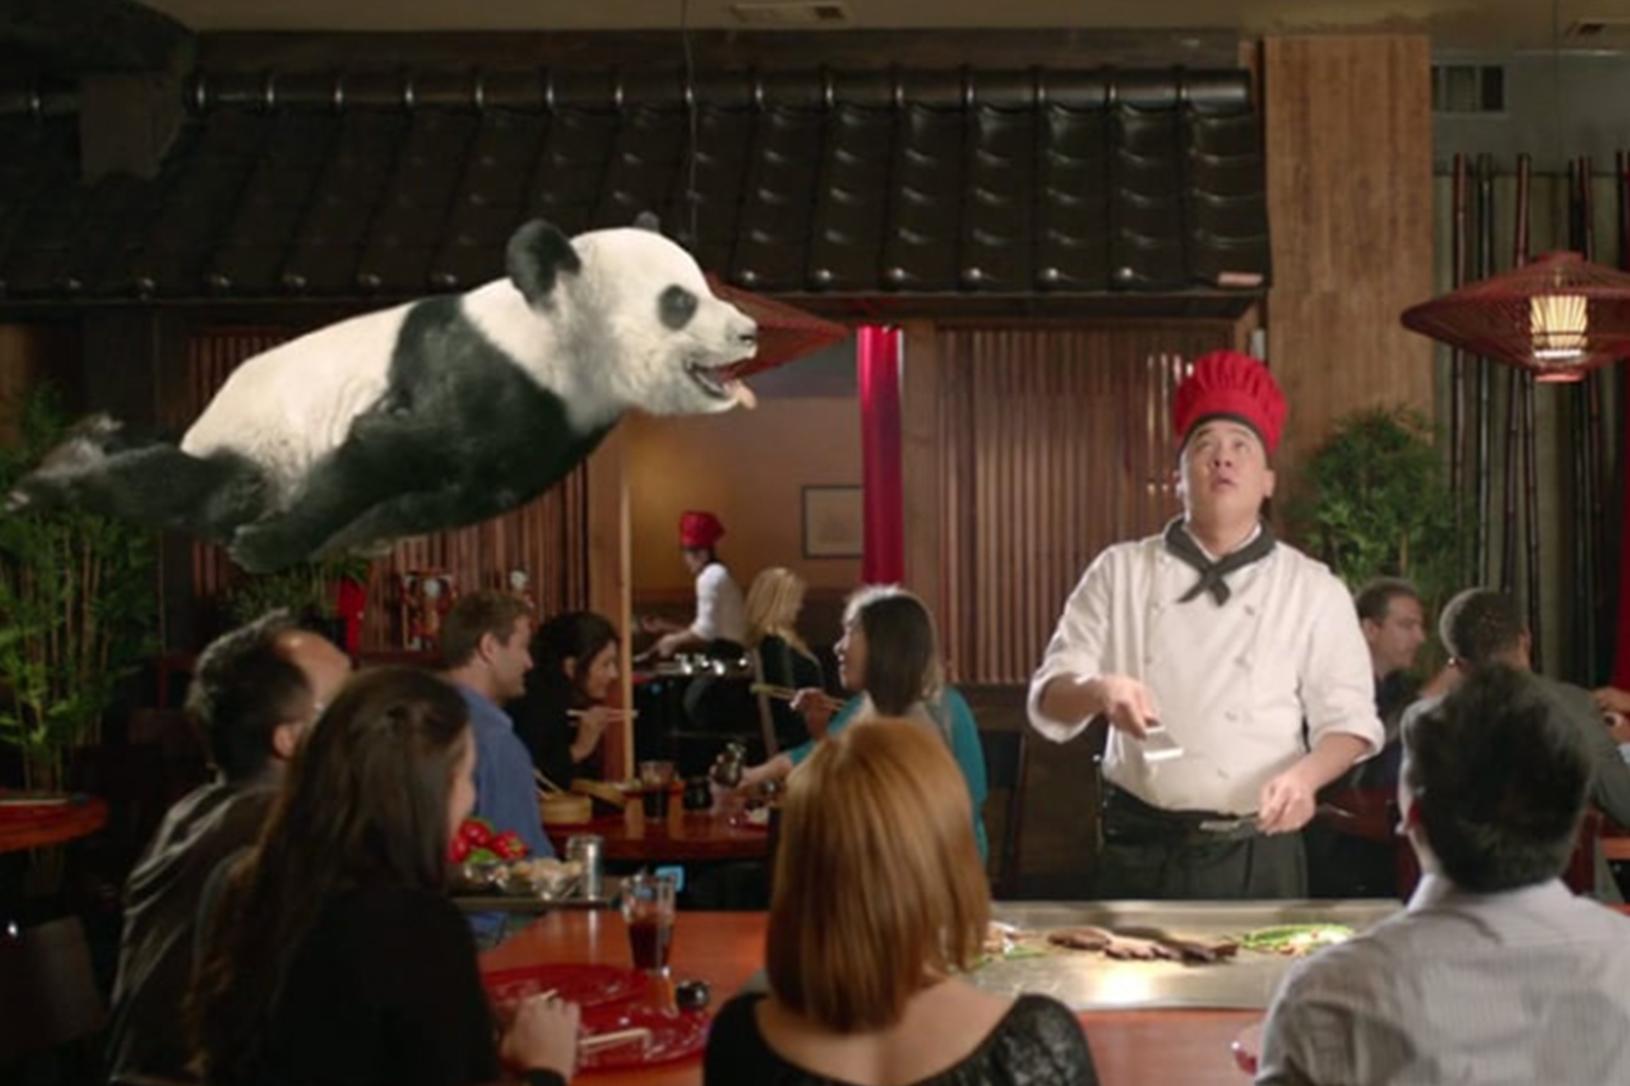 <div id='panda'></div>